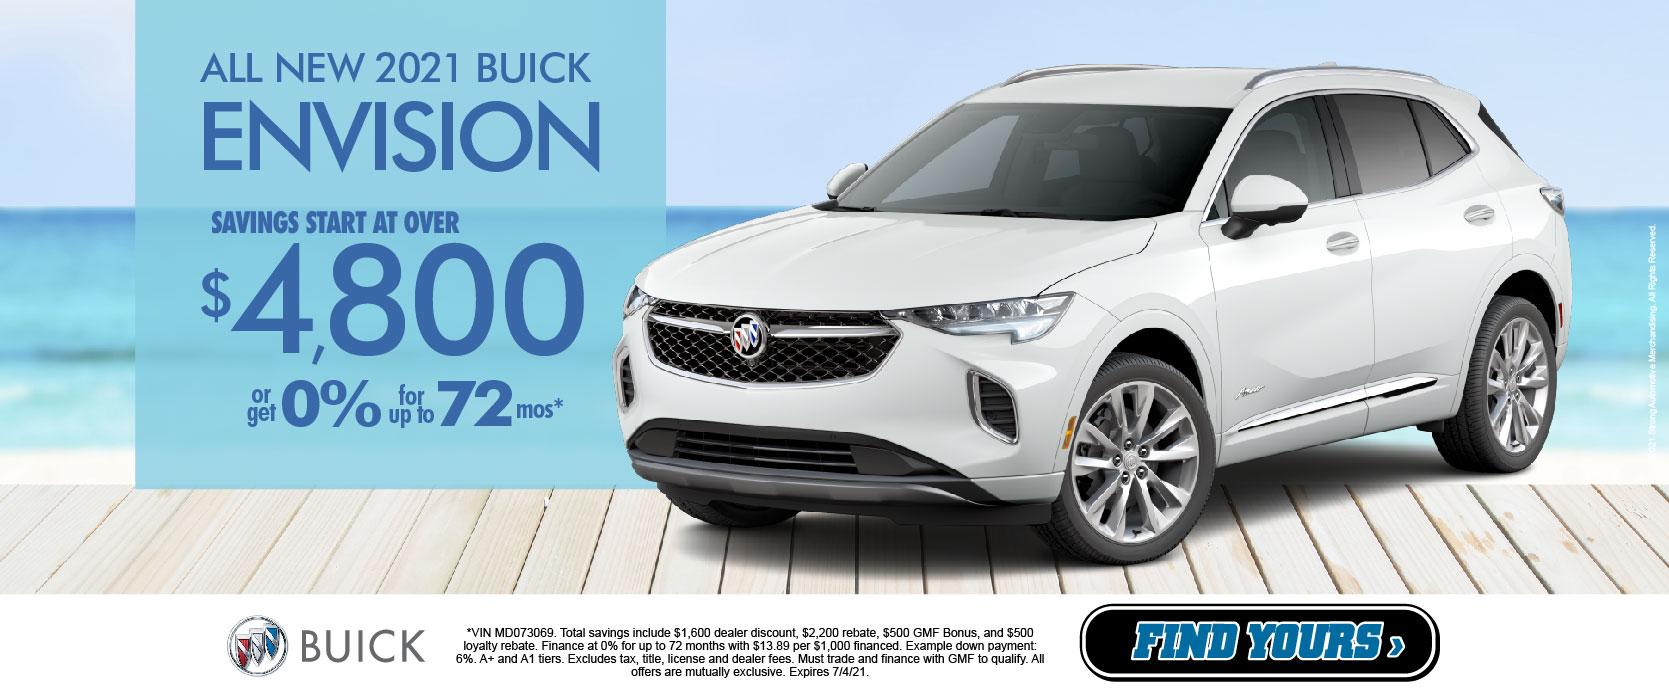 2021 Buick Envision Savings start at $4,800